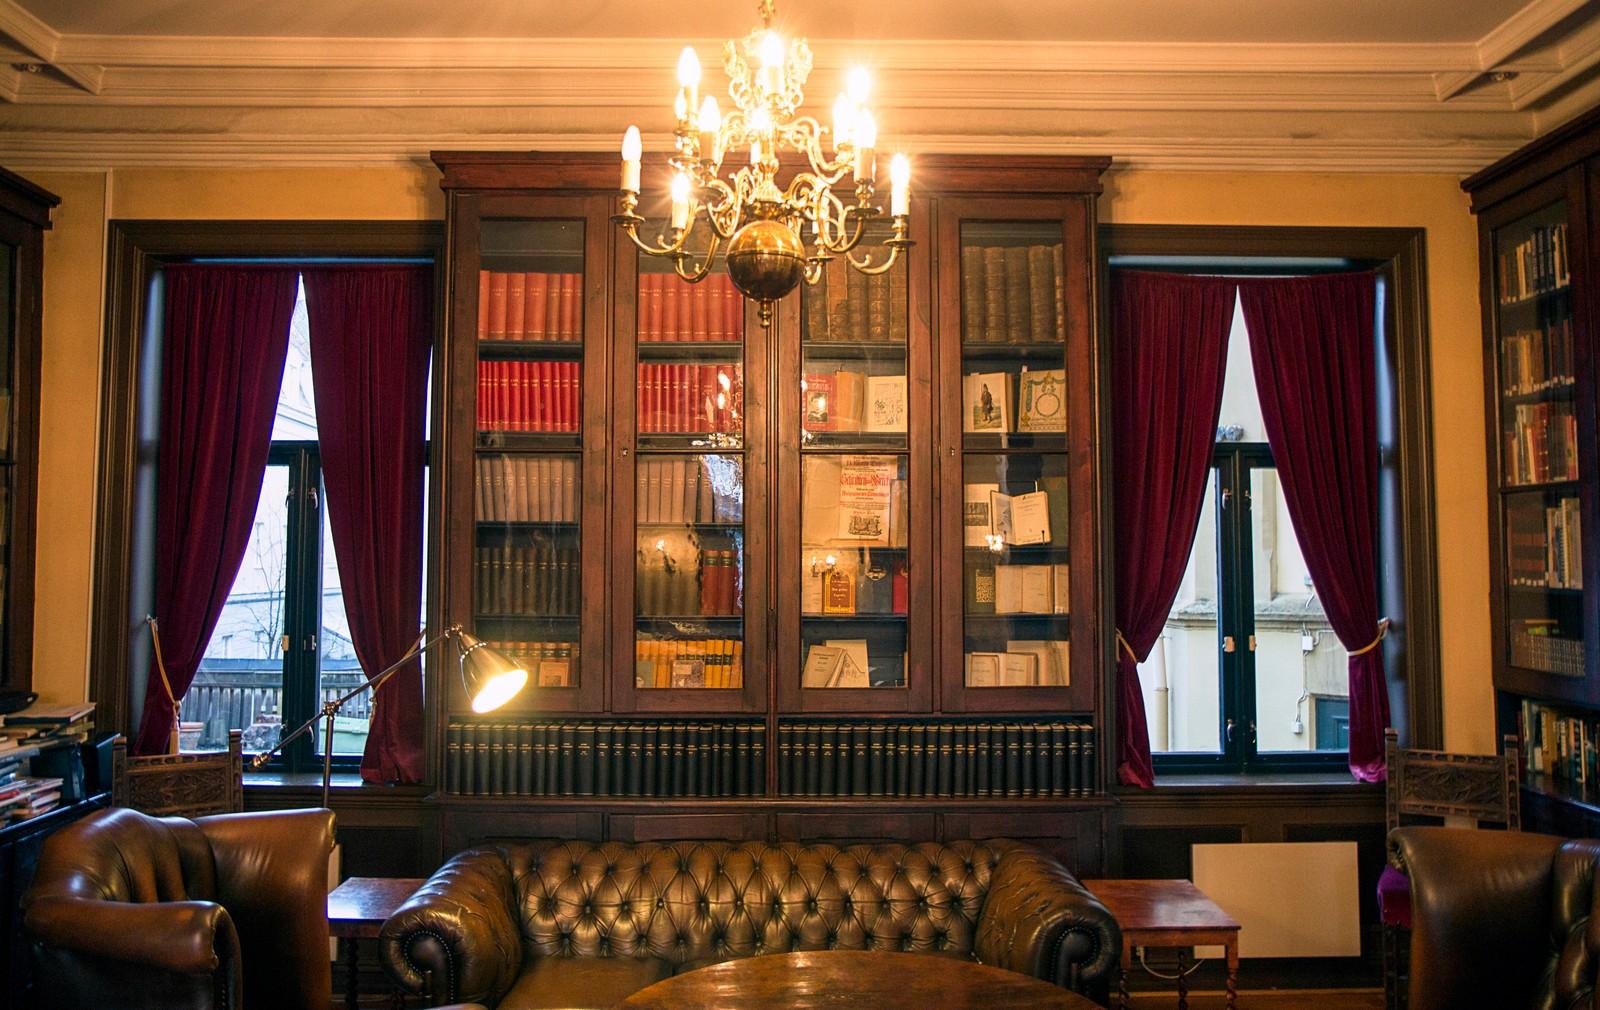 Studenterhjemmet har eget bibliotek, hvor man blant annet kan finne flere bøker om husets historie.